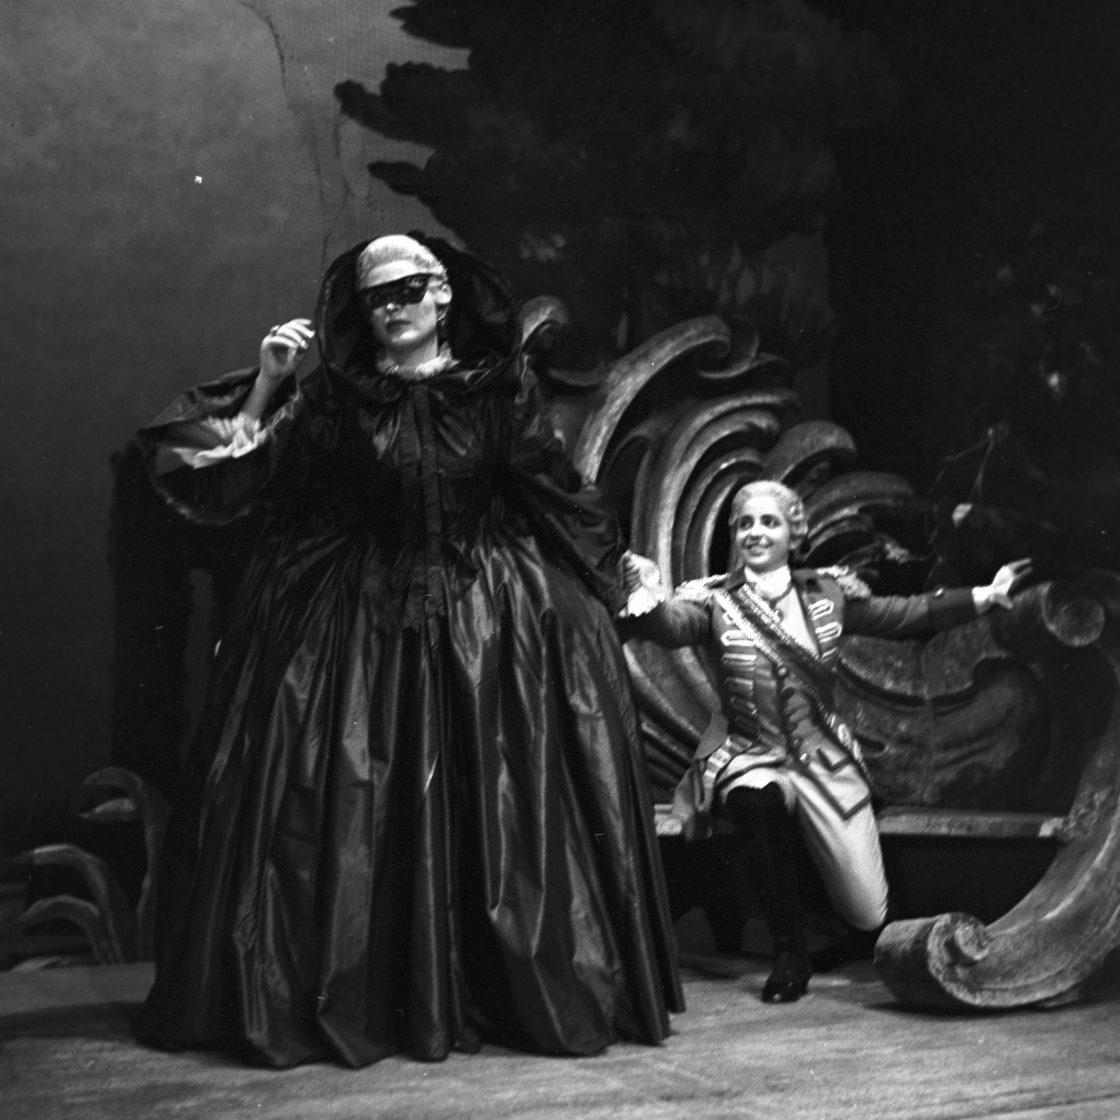 Le nozze di Figaro,1958. Photo: Guy Gravett